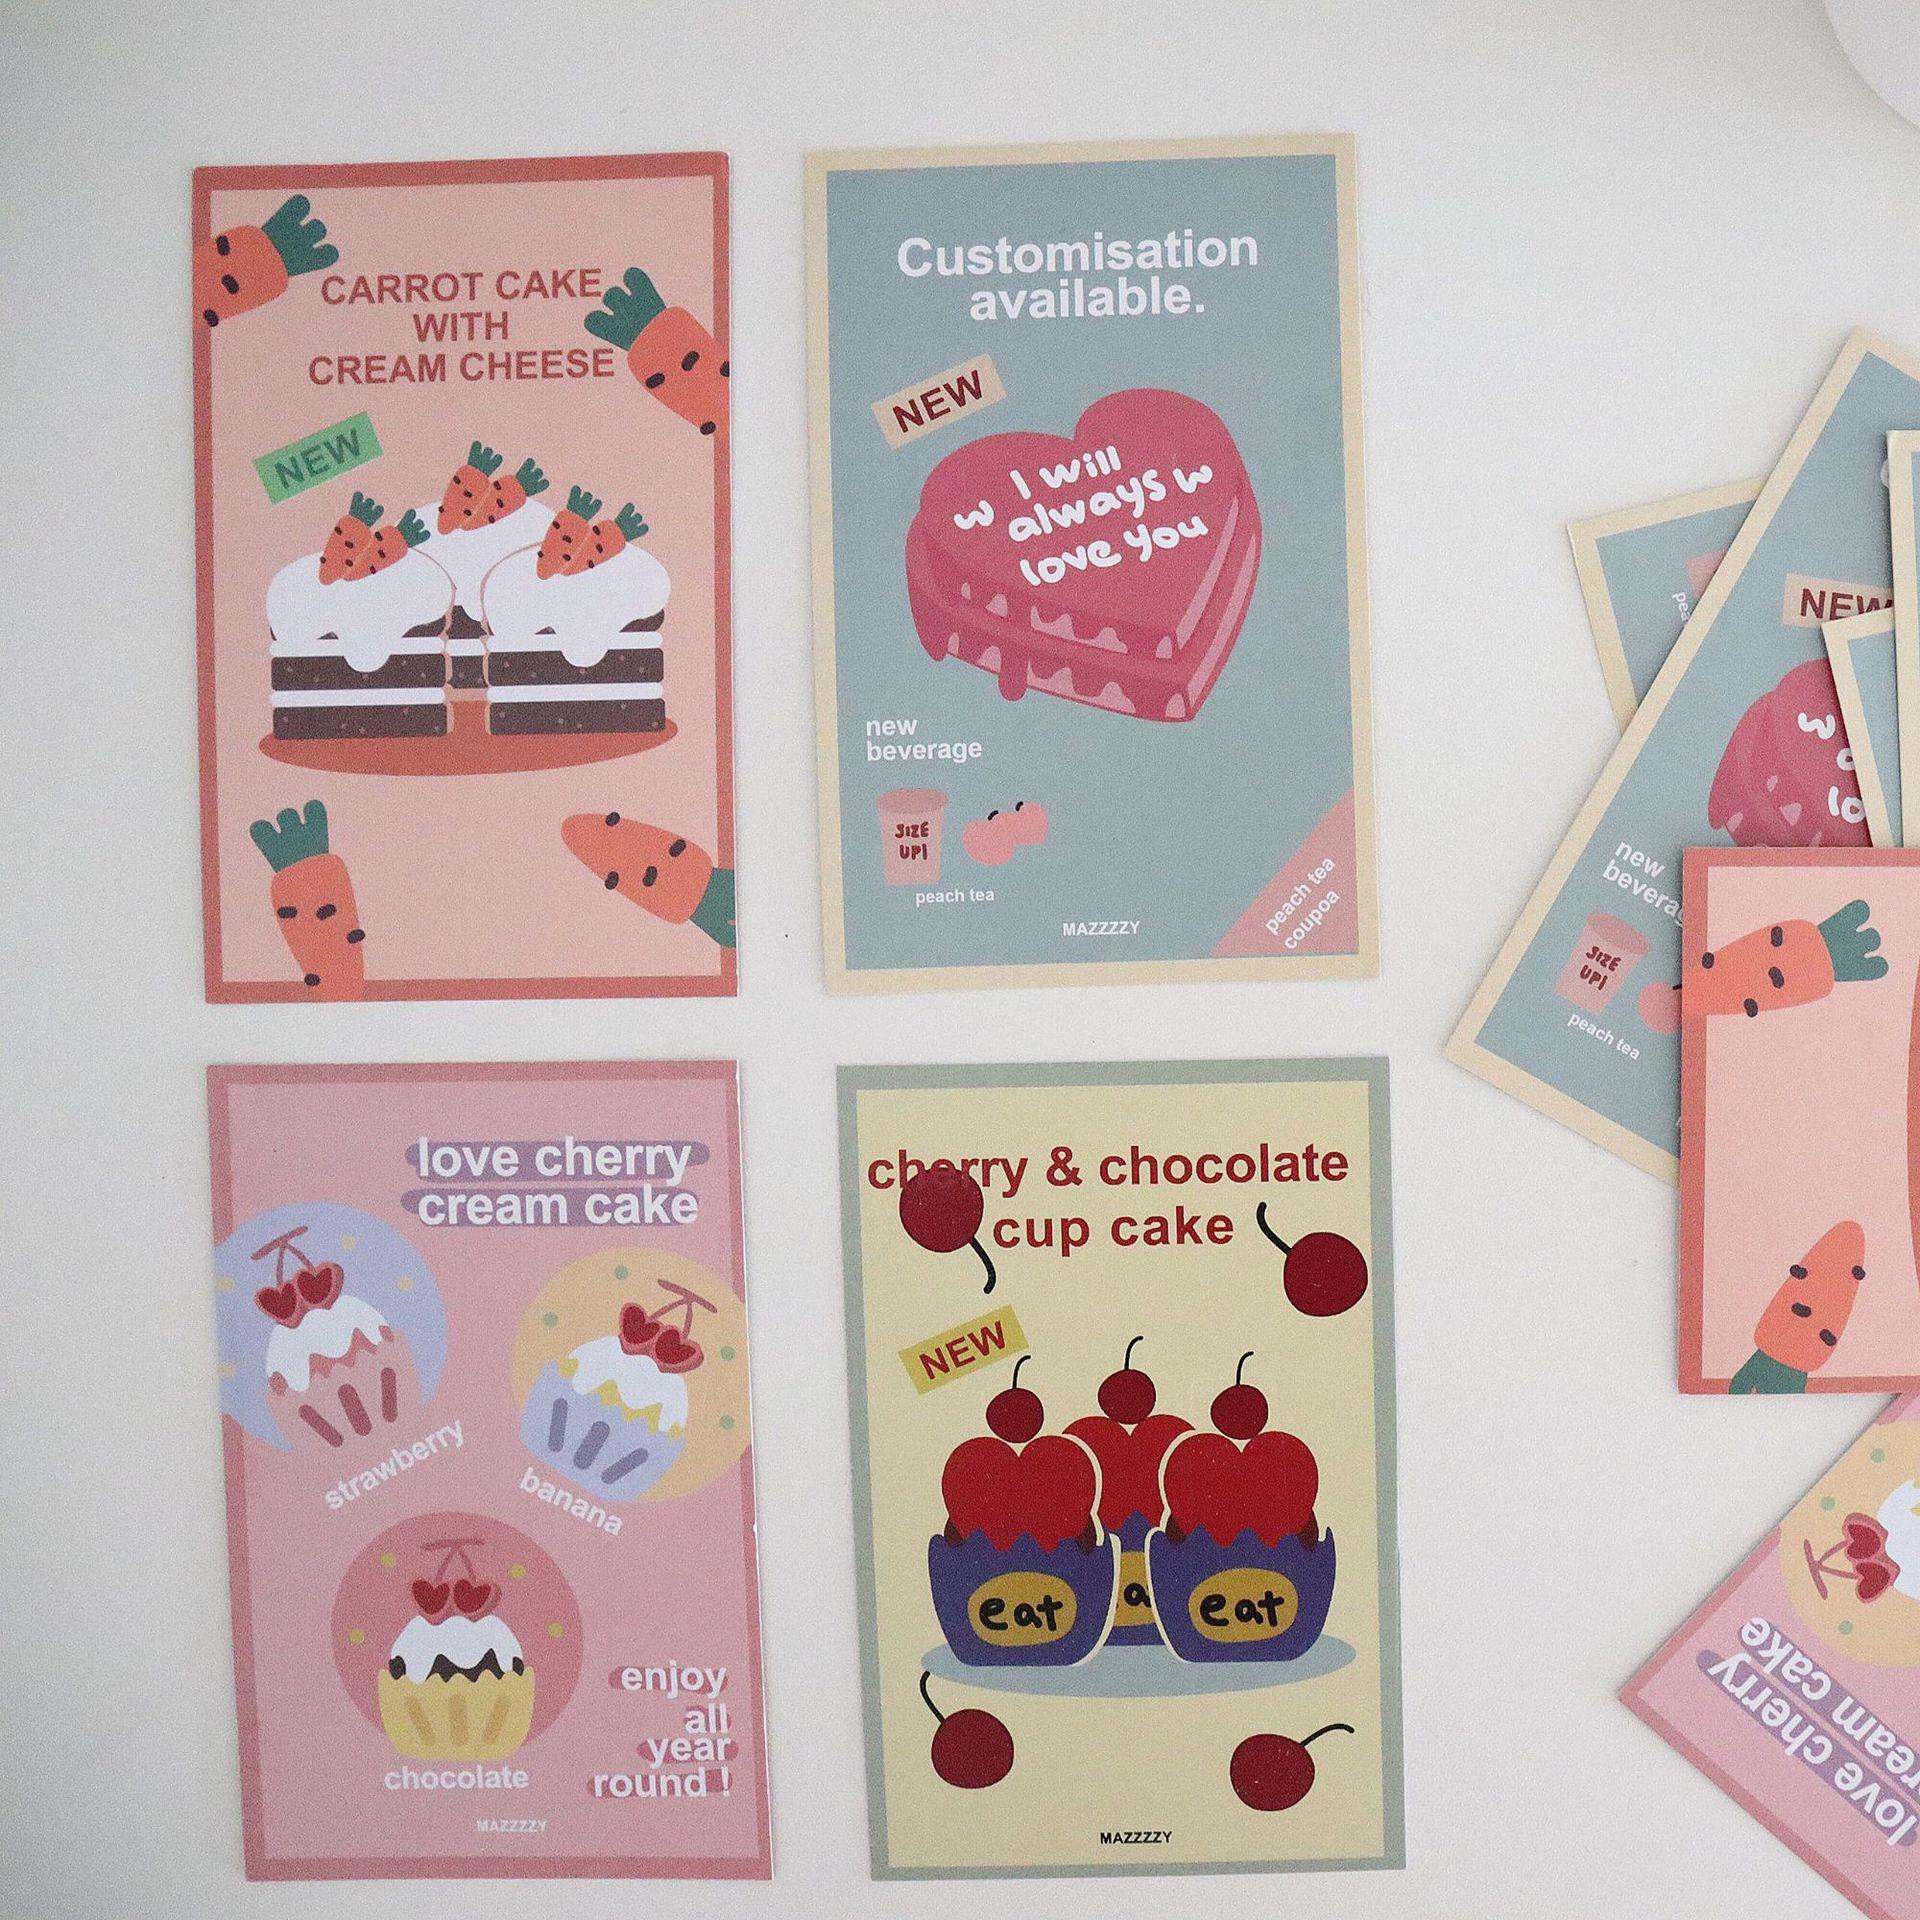 Креативная открытка торт на день рождения поздравительная открытка редис вишня любовная открытка декоративная открытка для комнаты Насте...